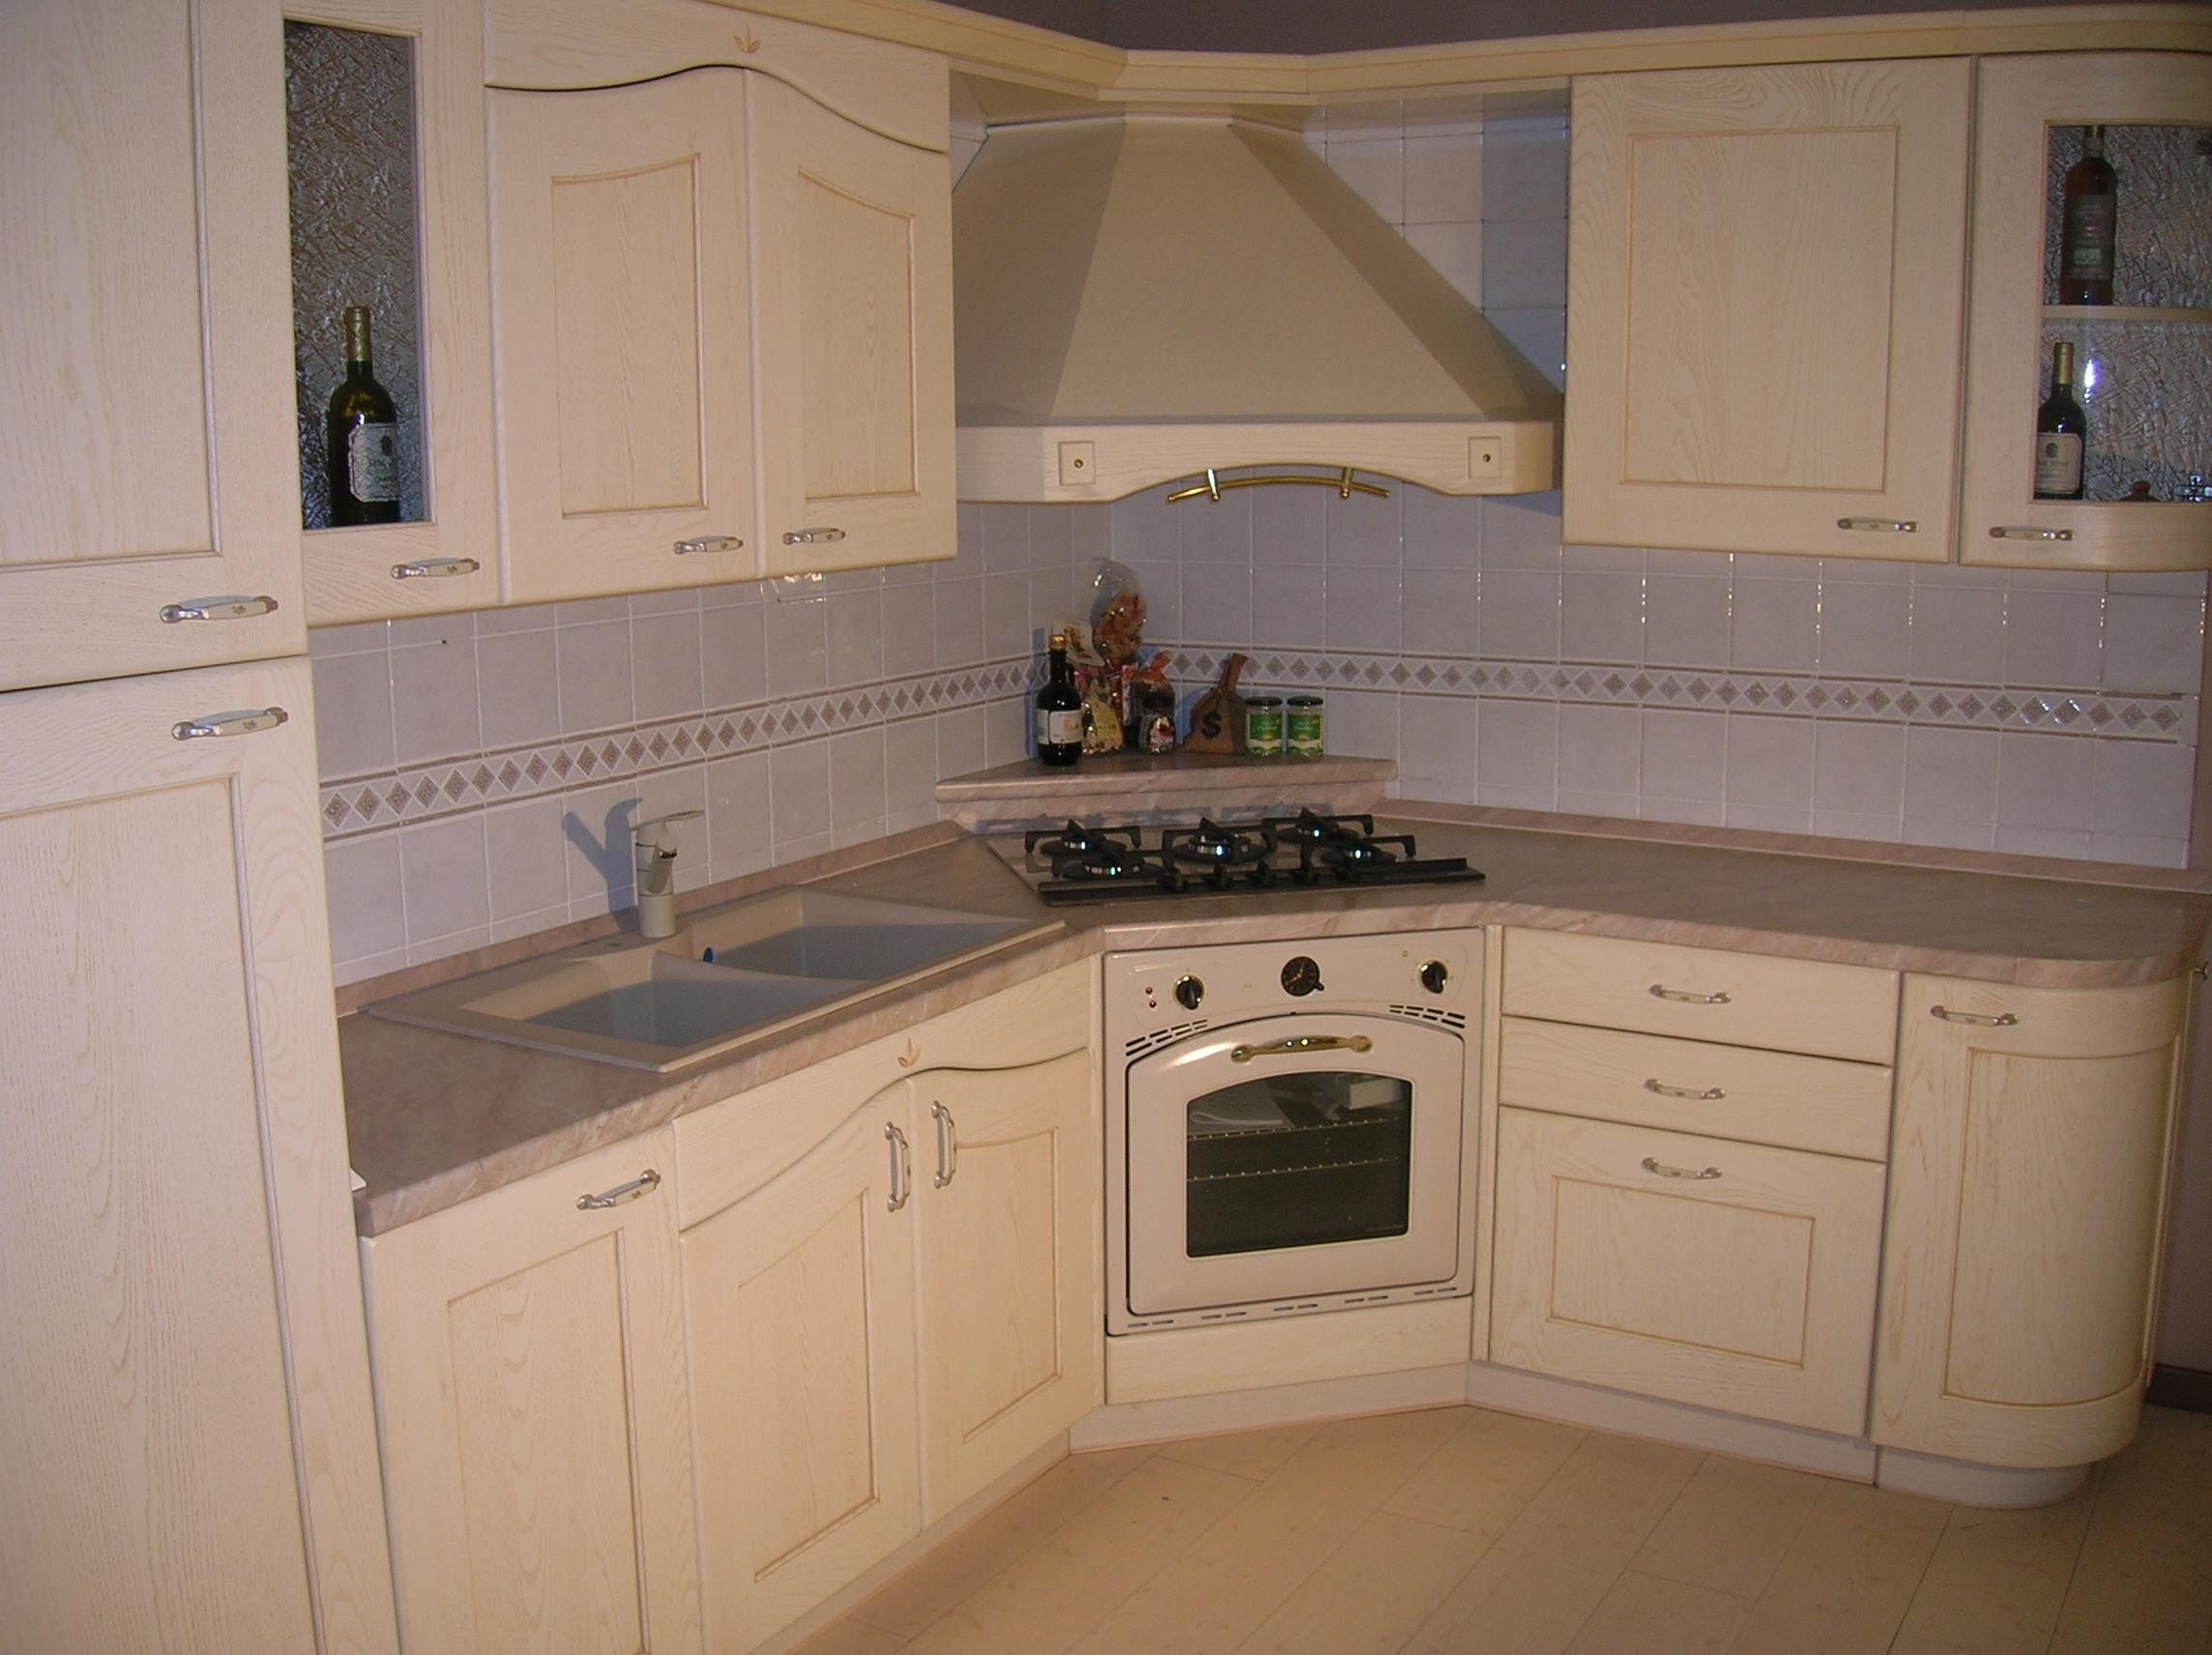 Costo cucina in muratura best piastrelle cucina in muratura per un ambiente cucine in muratura - Costo cucina in muratura ...